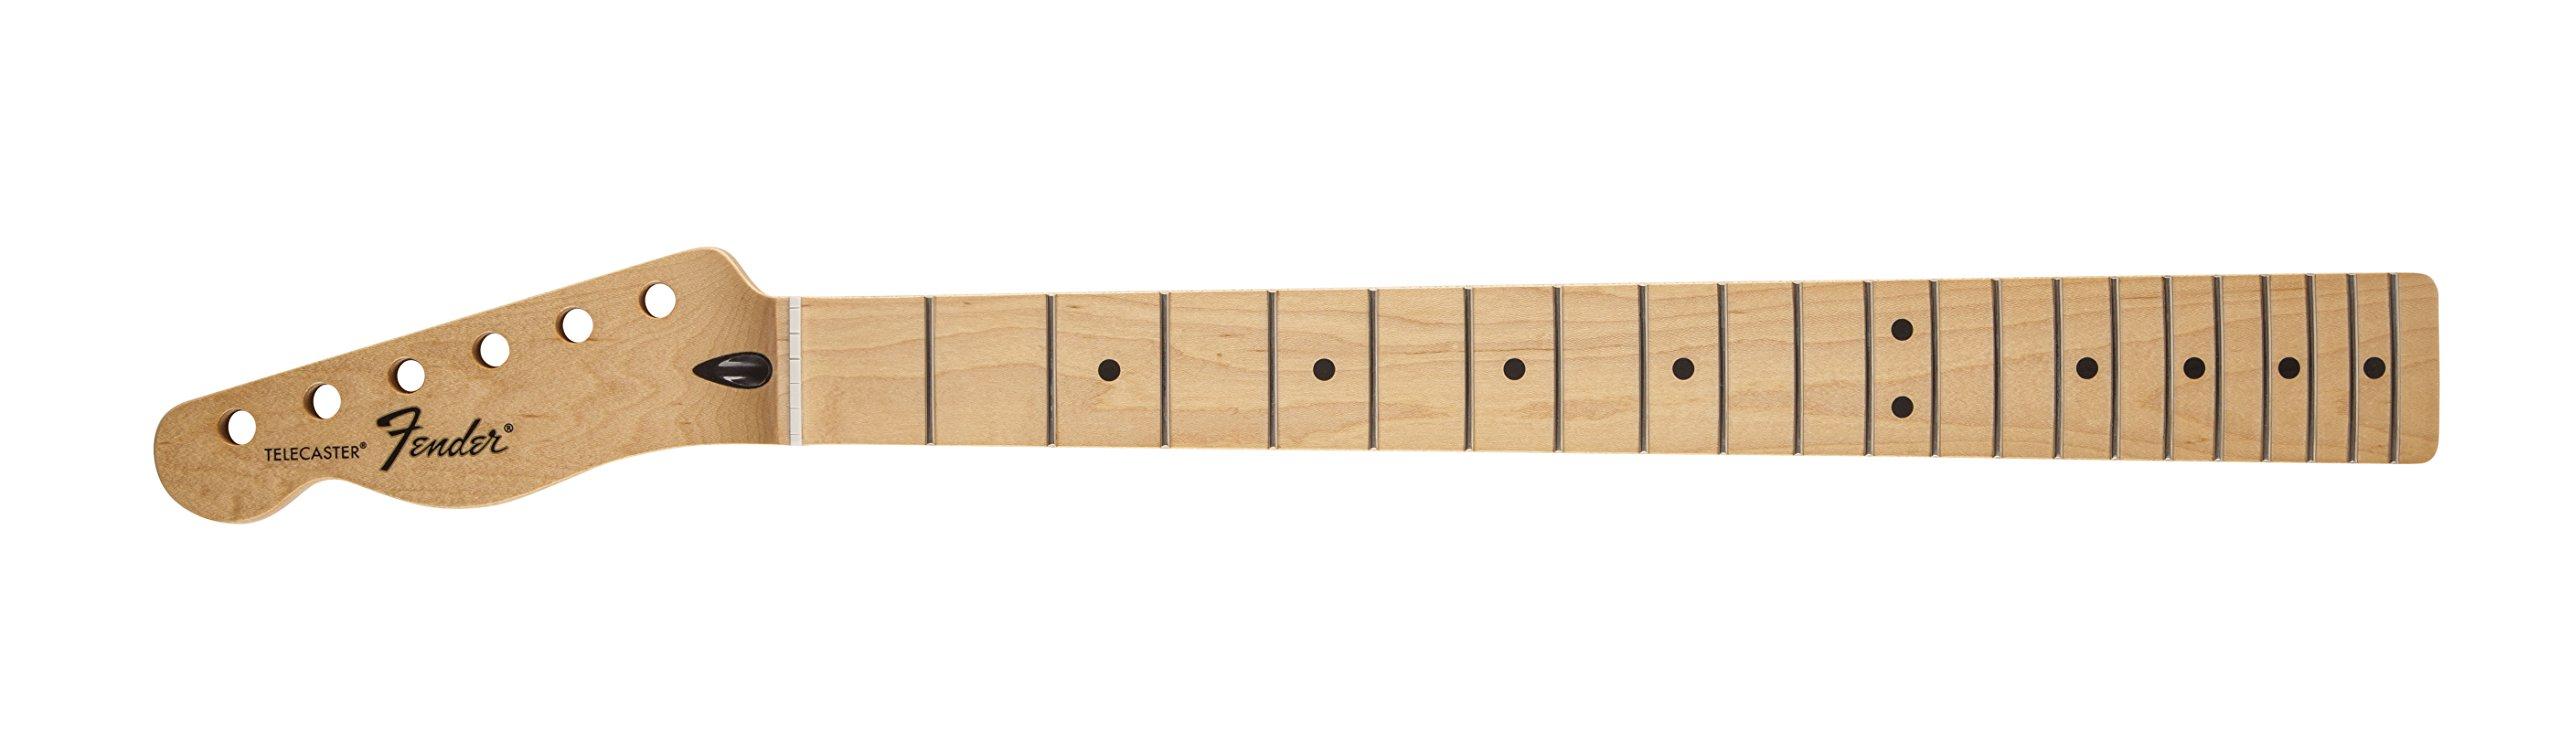 Fender Telecaster Left-Hand Neck - Maple Fingerboard